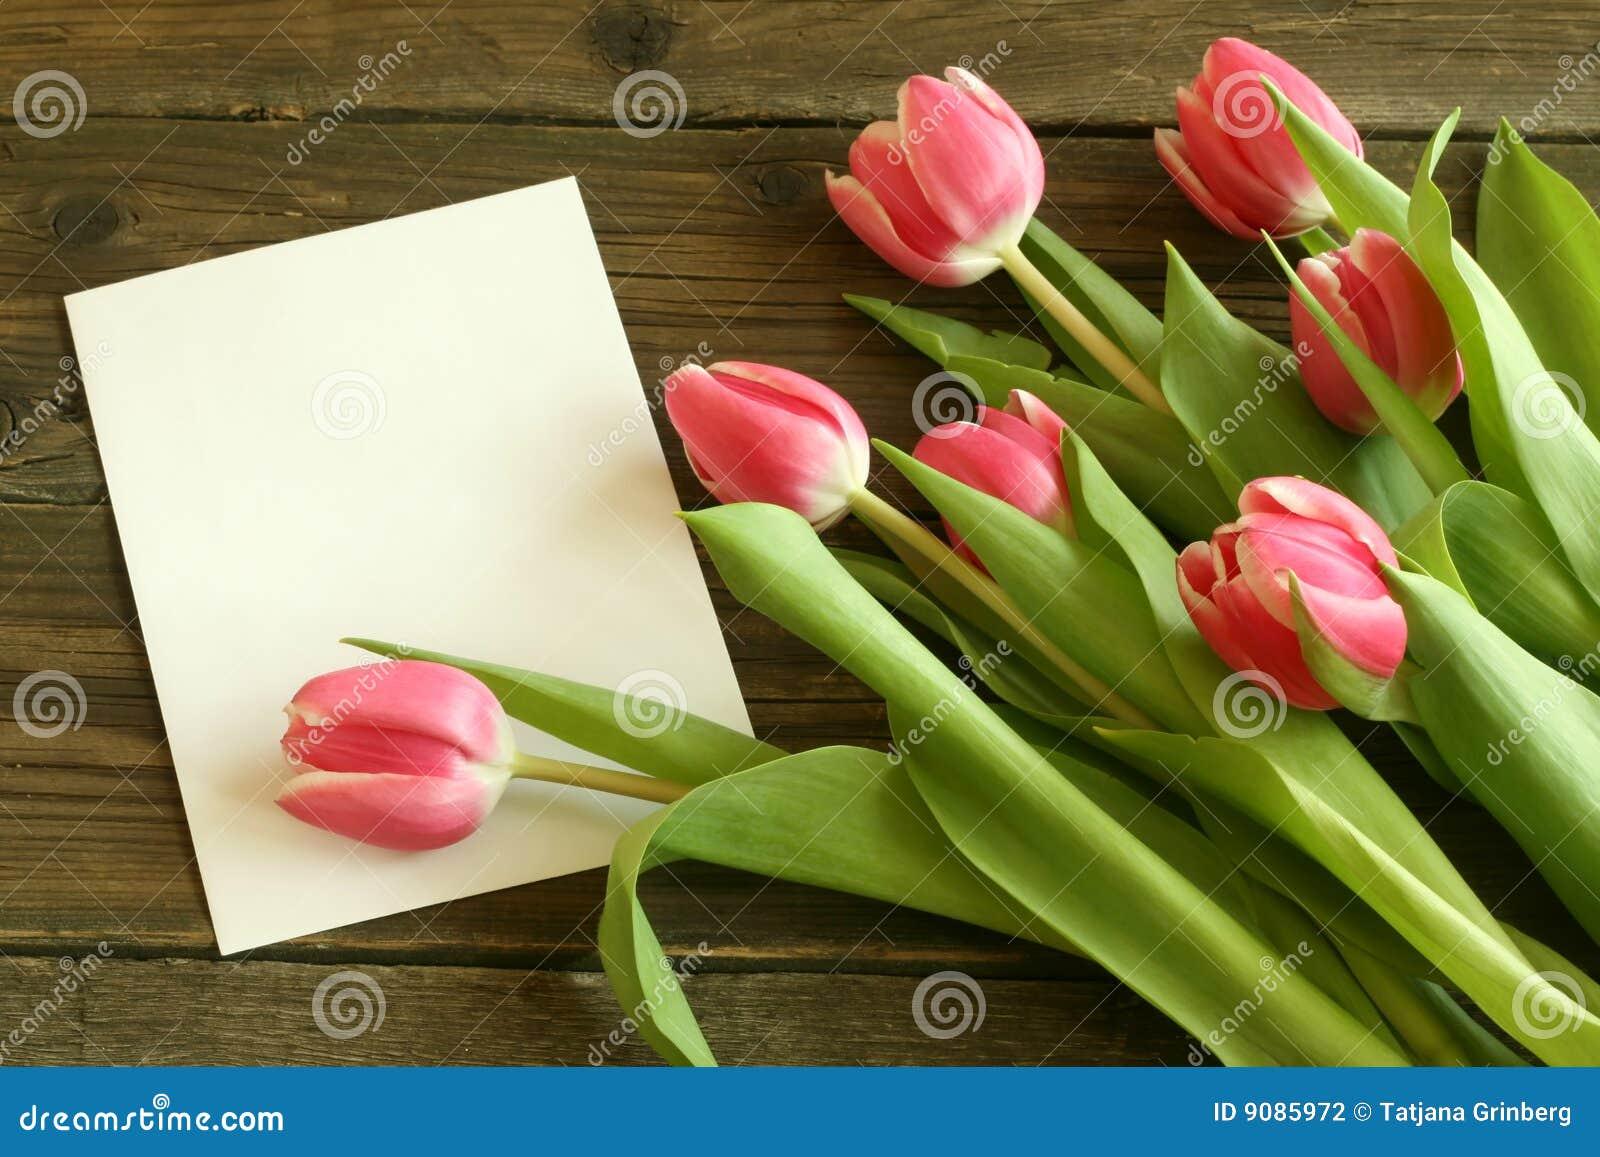 Blumenstrauß der Tulpen mit unbelegter Karte auf altem hölzernem